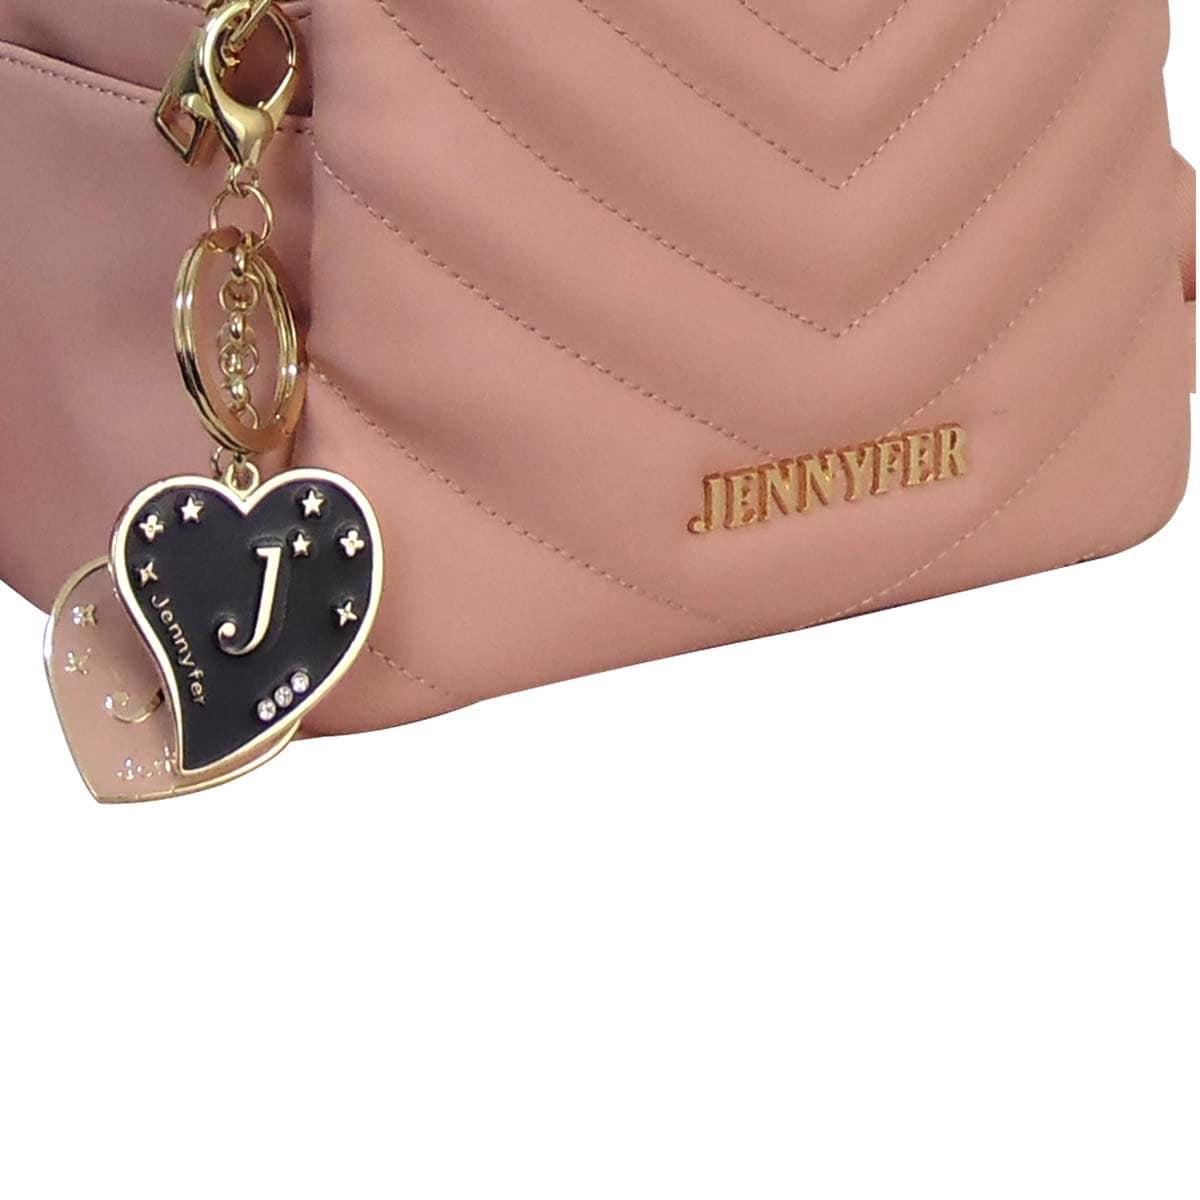 Bolso Jennyfer Backpack Rosa